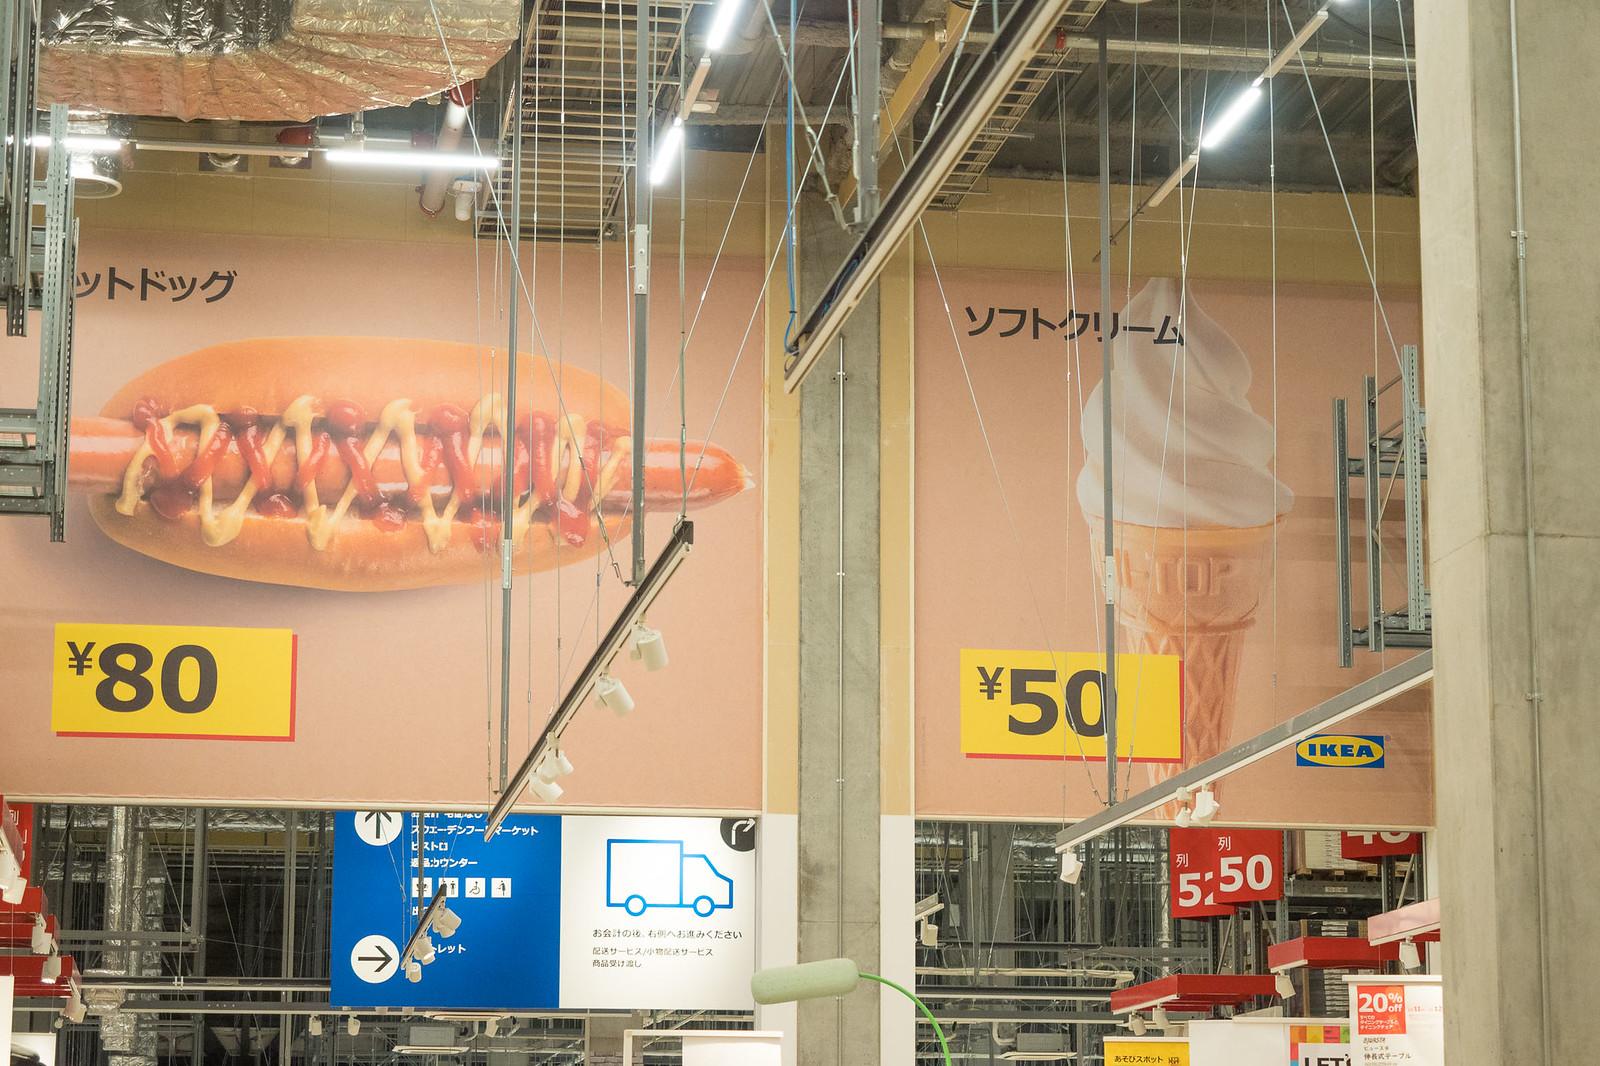 IKEA_tachikawa-43